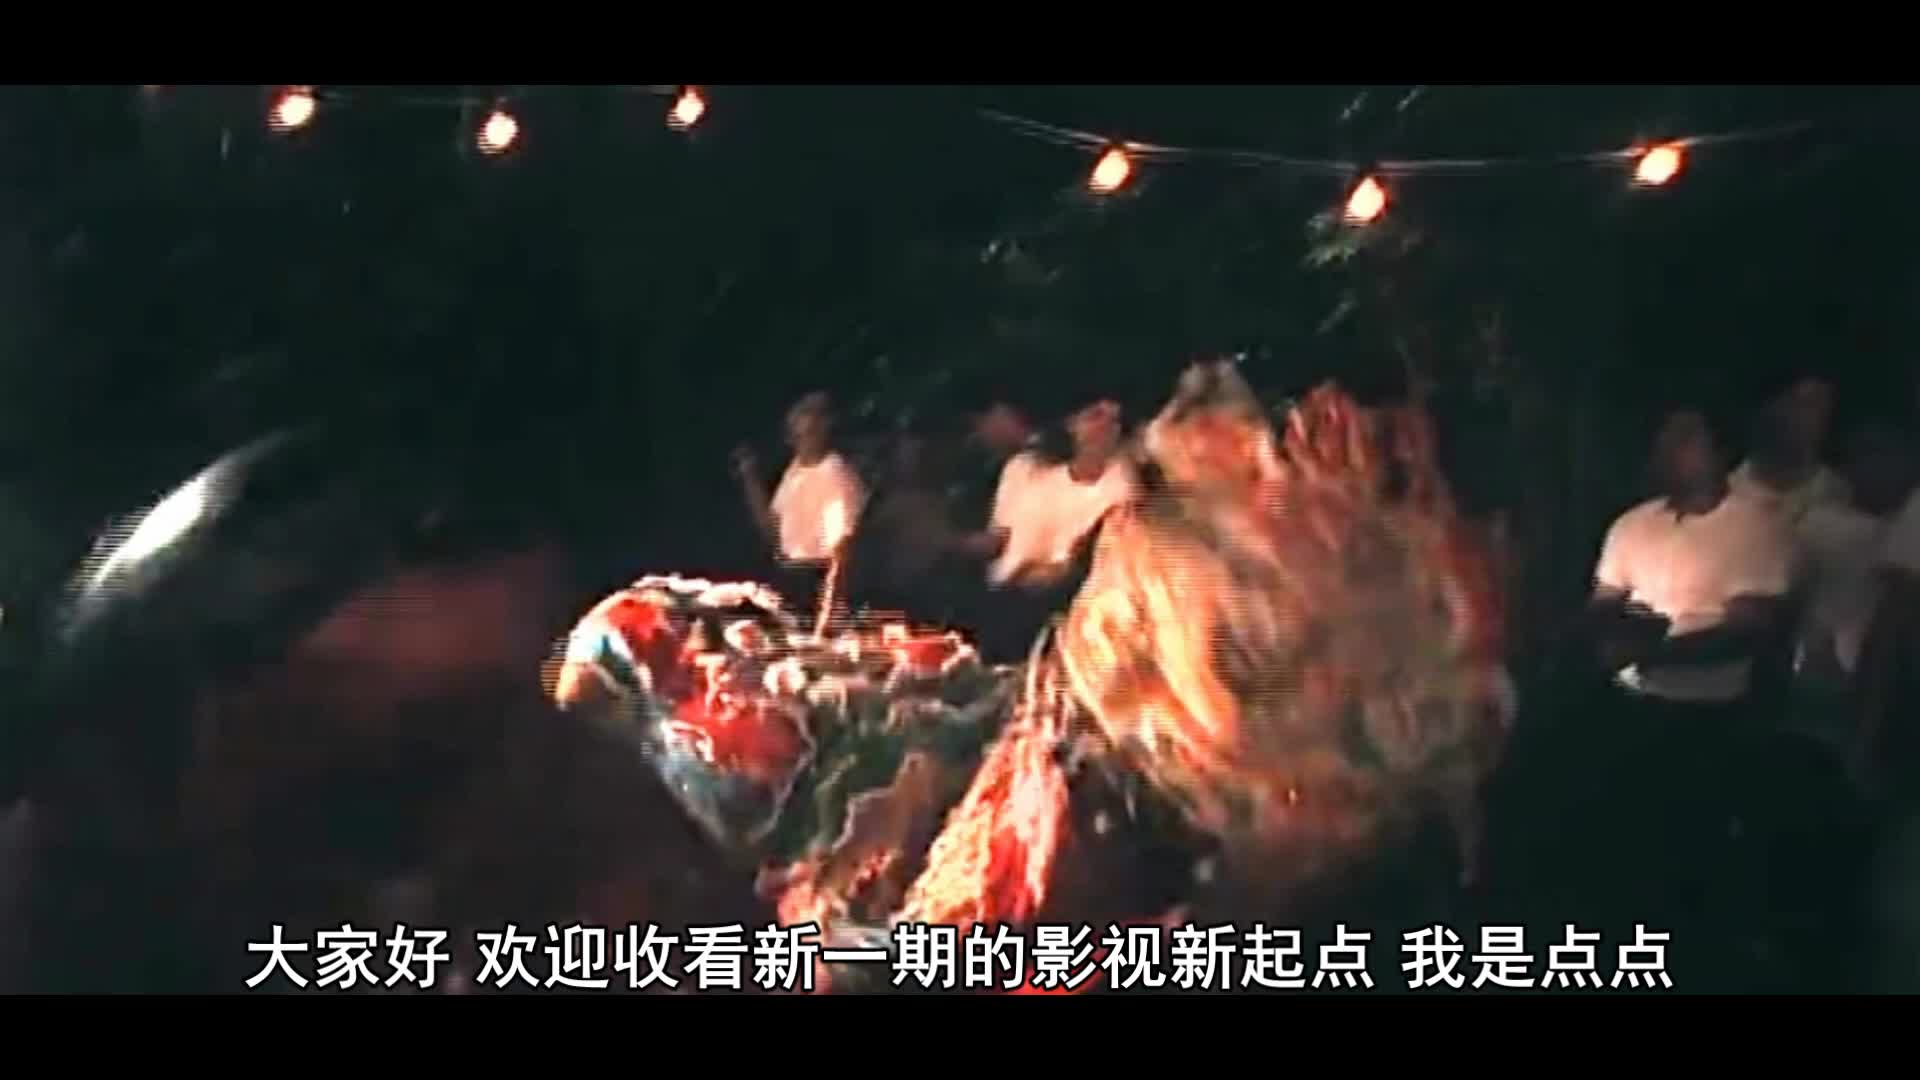 #经典看电影#王祖贤这部让人无法抗拒的古装电影,当年骂声一片,如今经典再现